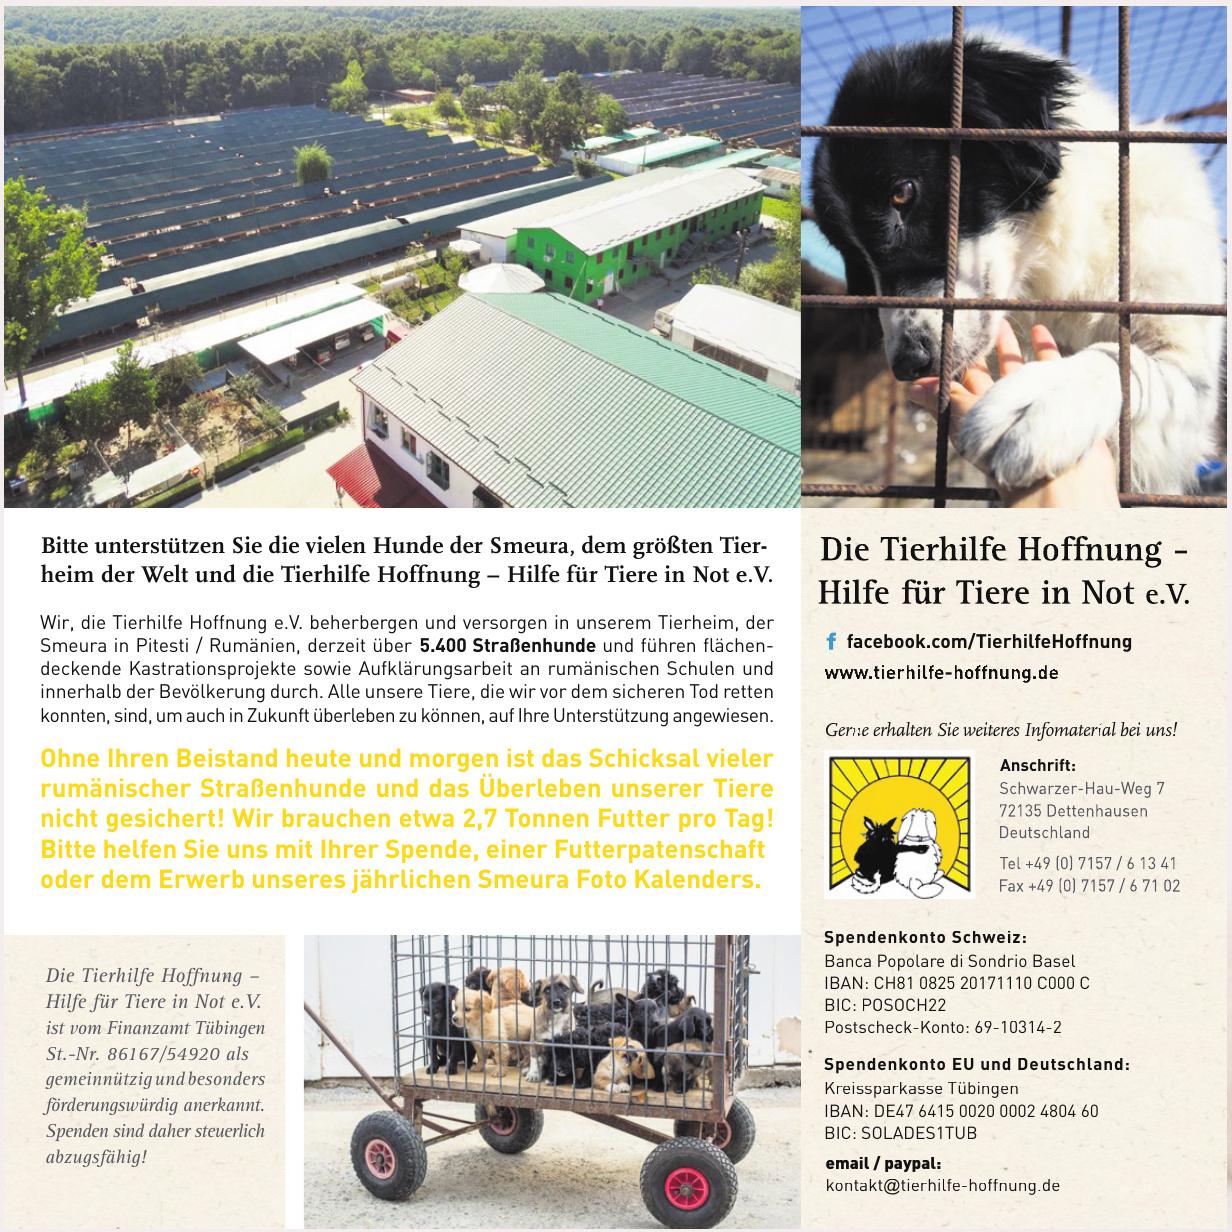 Die Tierhilfe Hoffnung – Hilfe für Tiere in Not e.V.